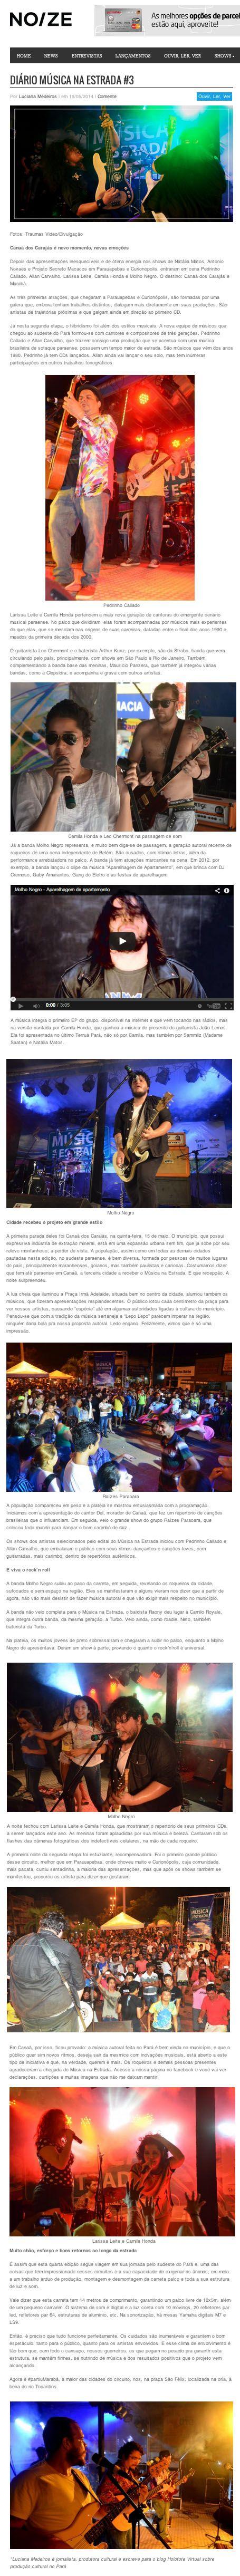 Noize - 19.05.14 (http://www.noize.com.br/diario-musica-na-estrada-canaa-dos-carajas/)